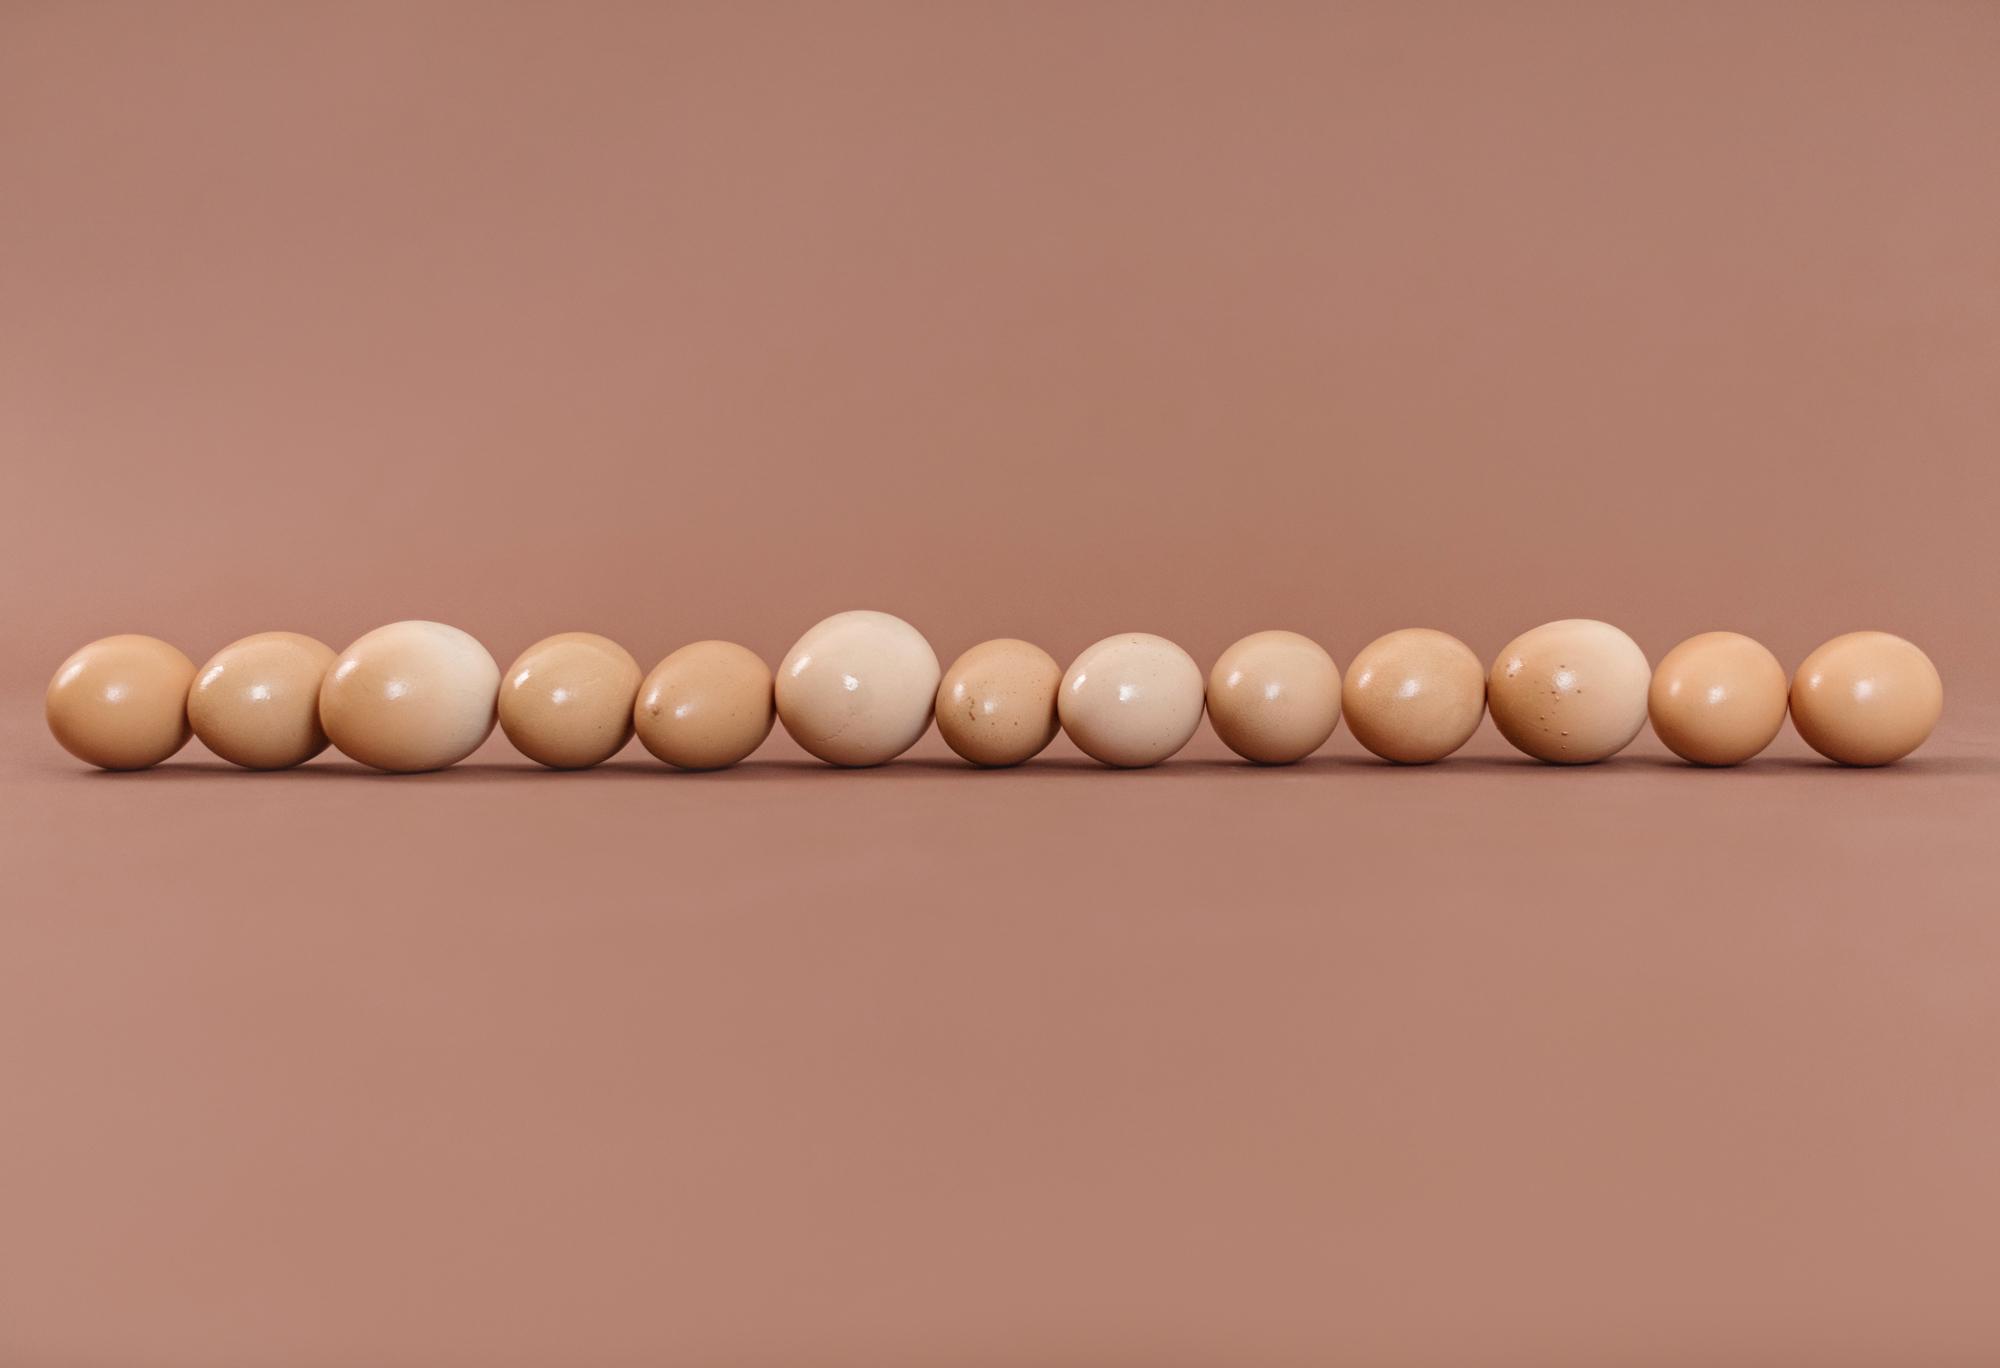 Eggs-APFW.jpg